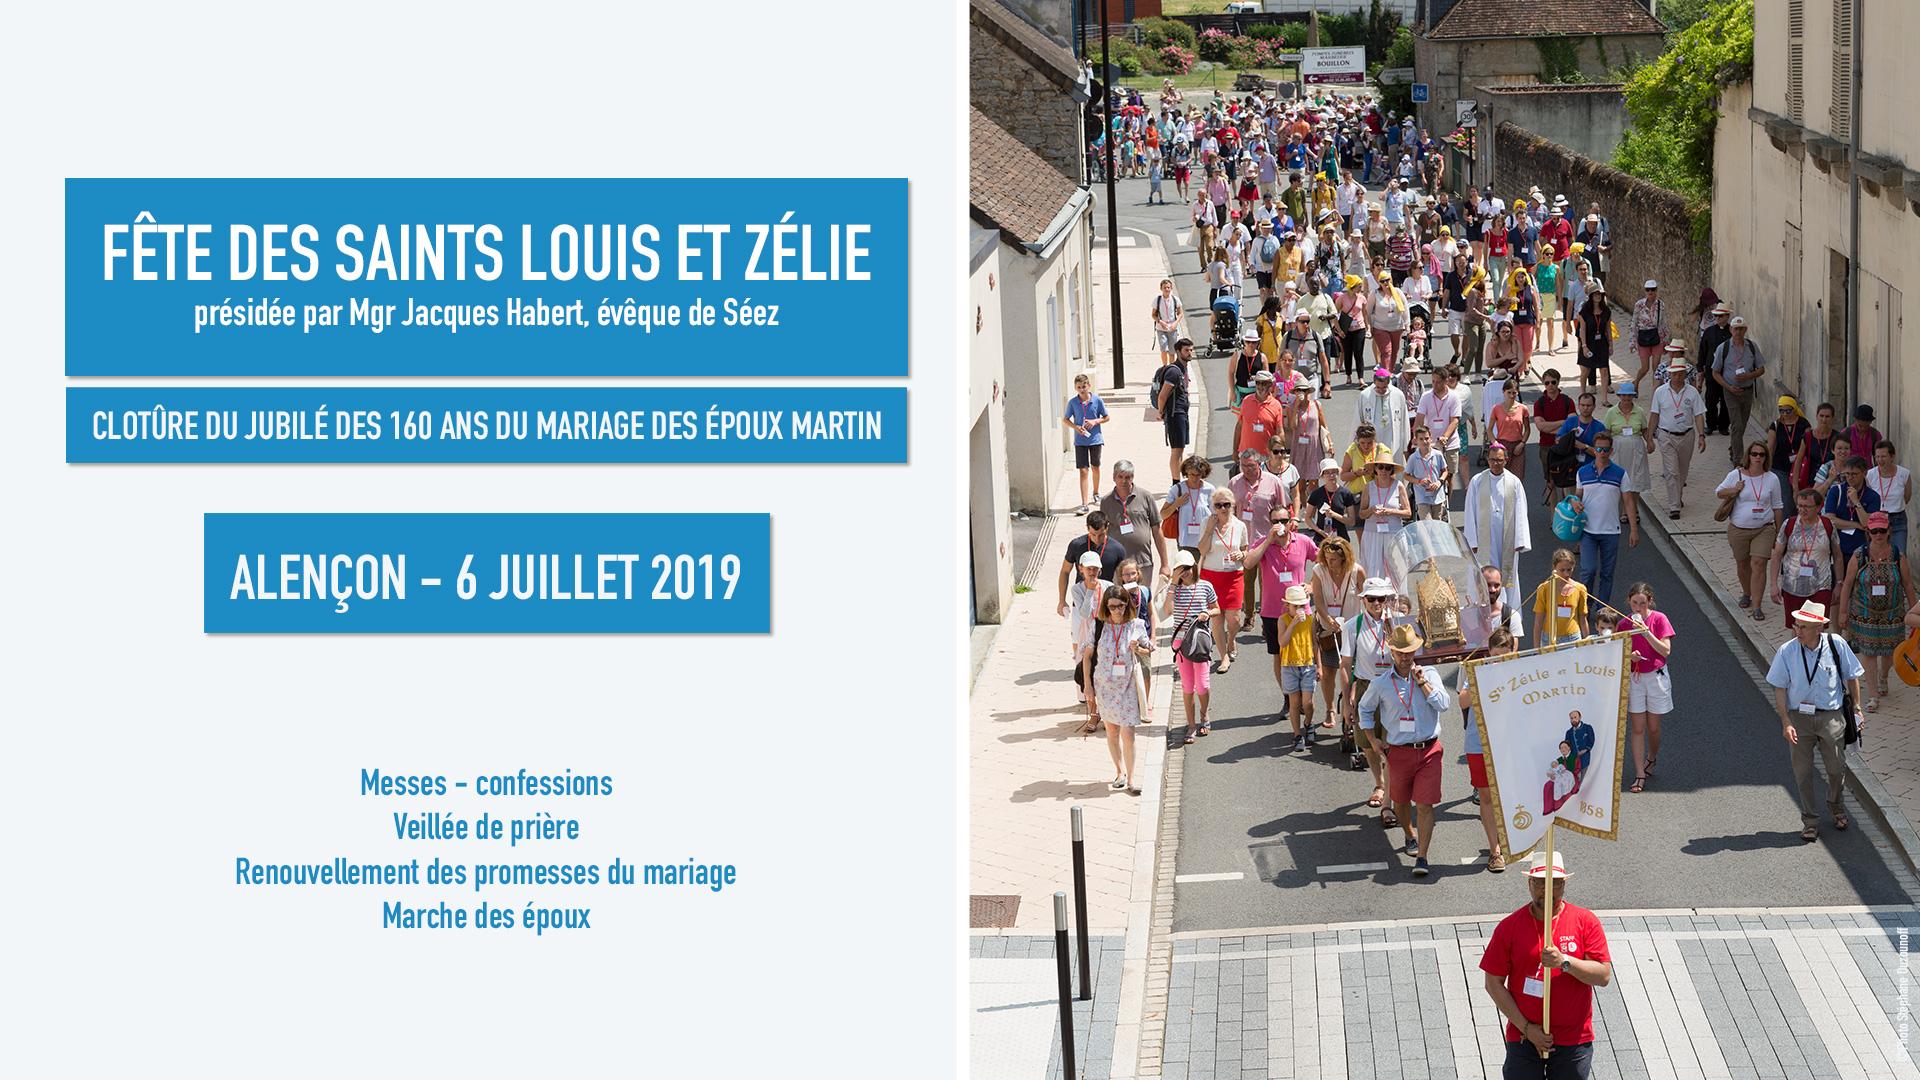 Fête des saints Louis et Zélie Martin – Clôture du Jubilé – le 6 juillet 2019 à Alençon (51)